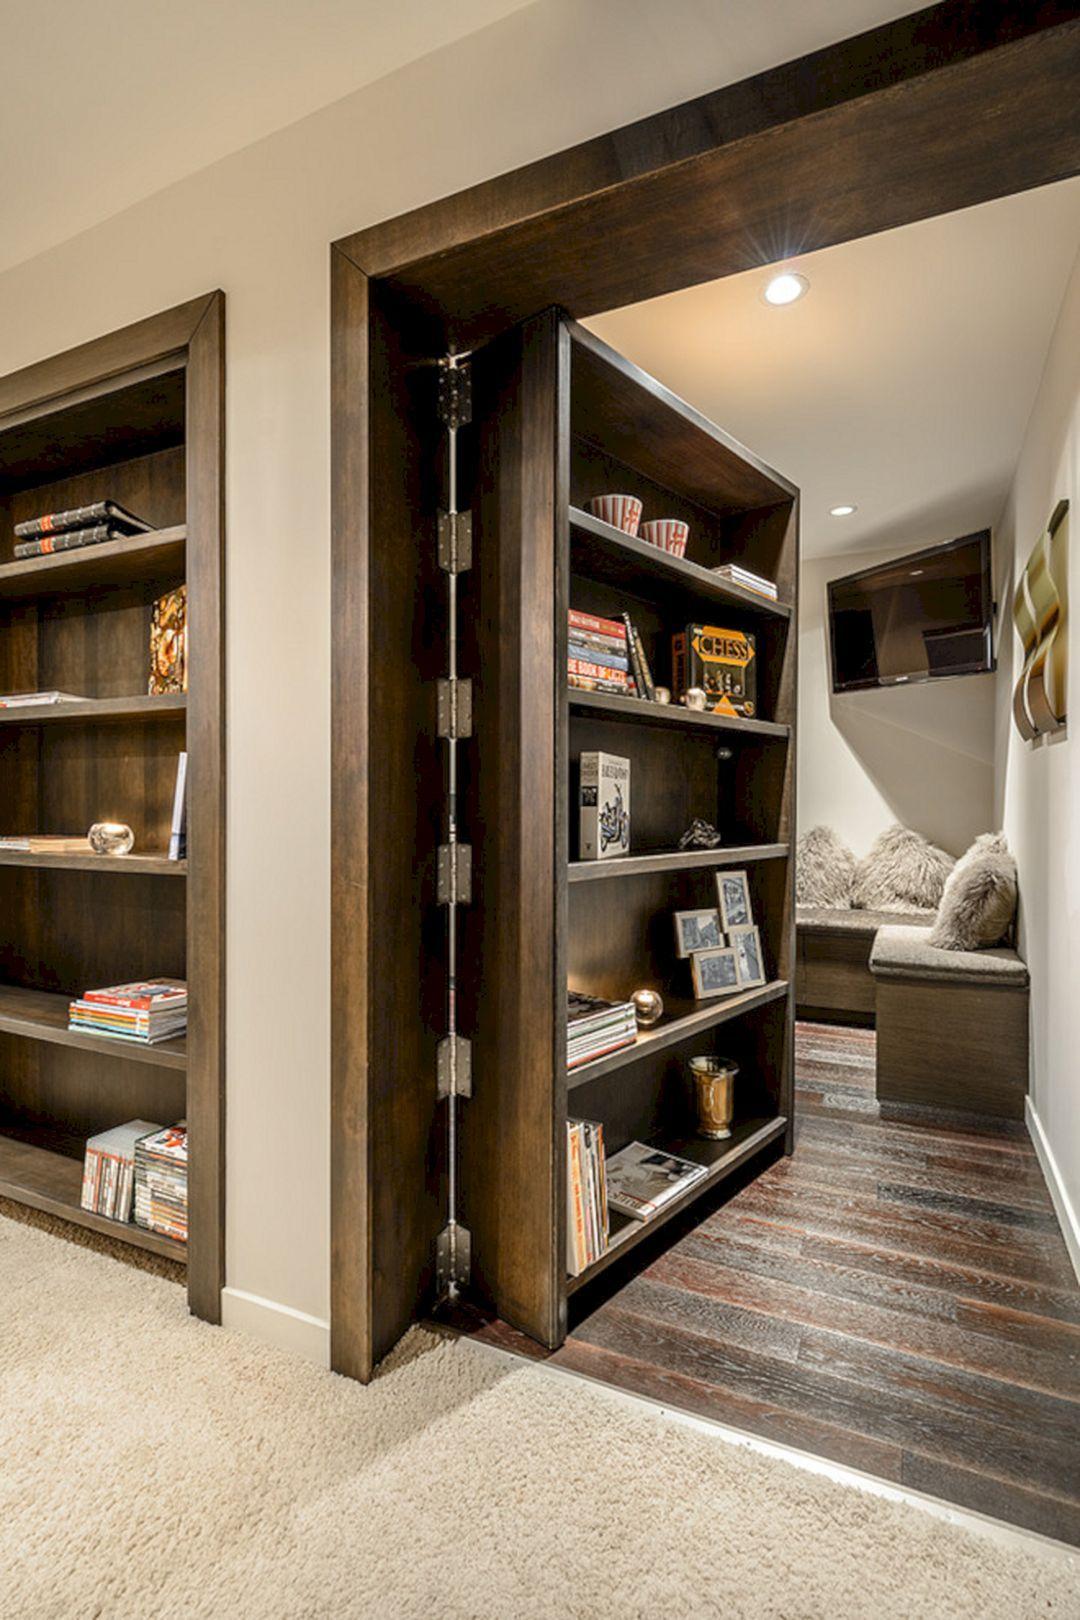 12 Best Awesome Secret Room Design Ideas For More Comfort Home Diy Ideas Secret Rooms Hidden Rooms Home Remodeling